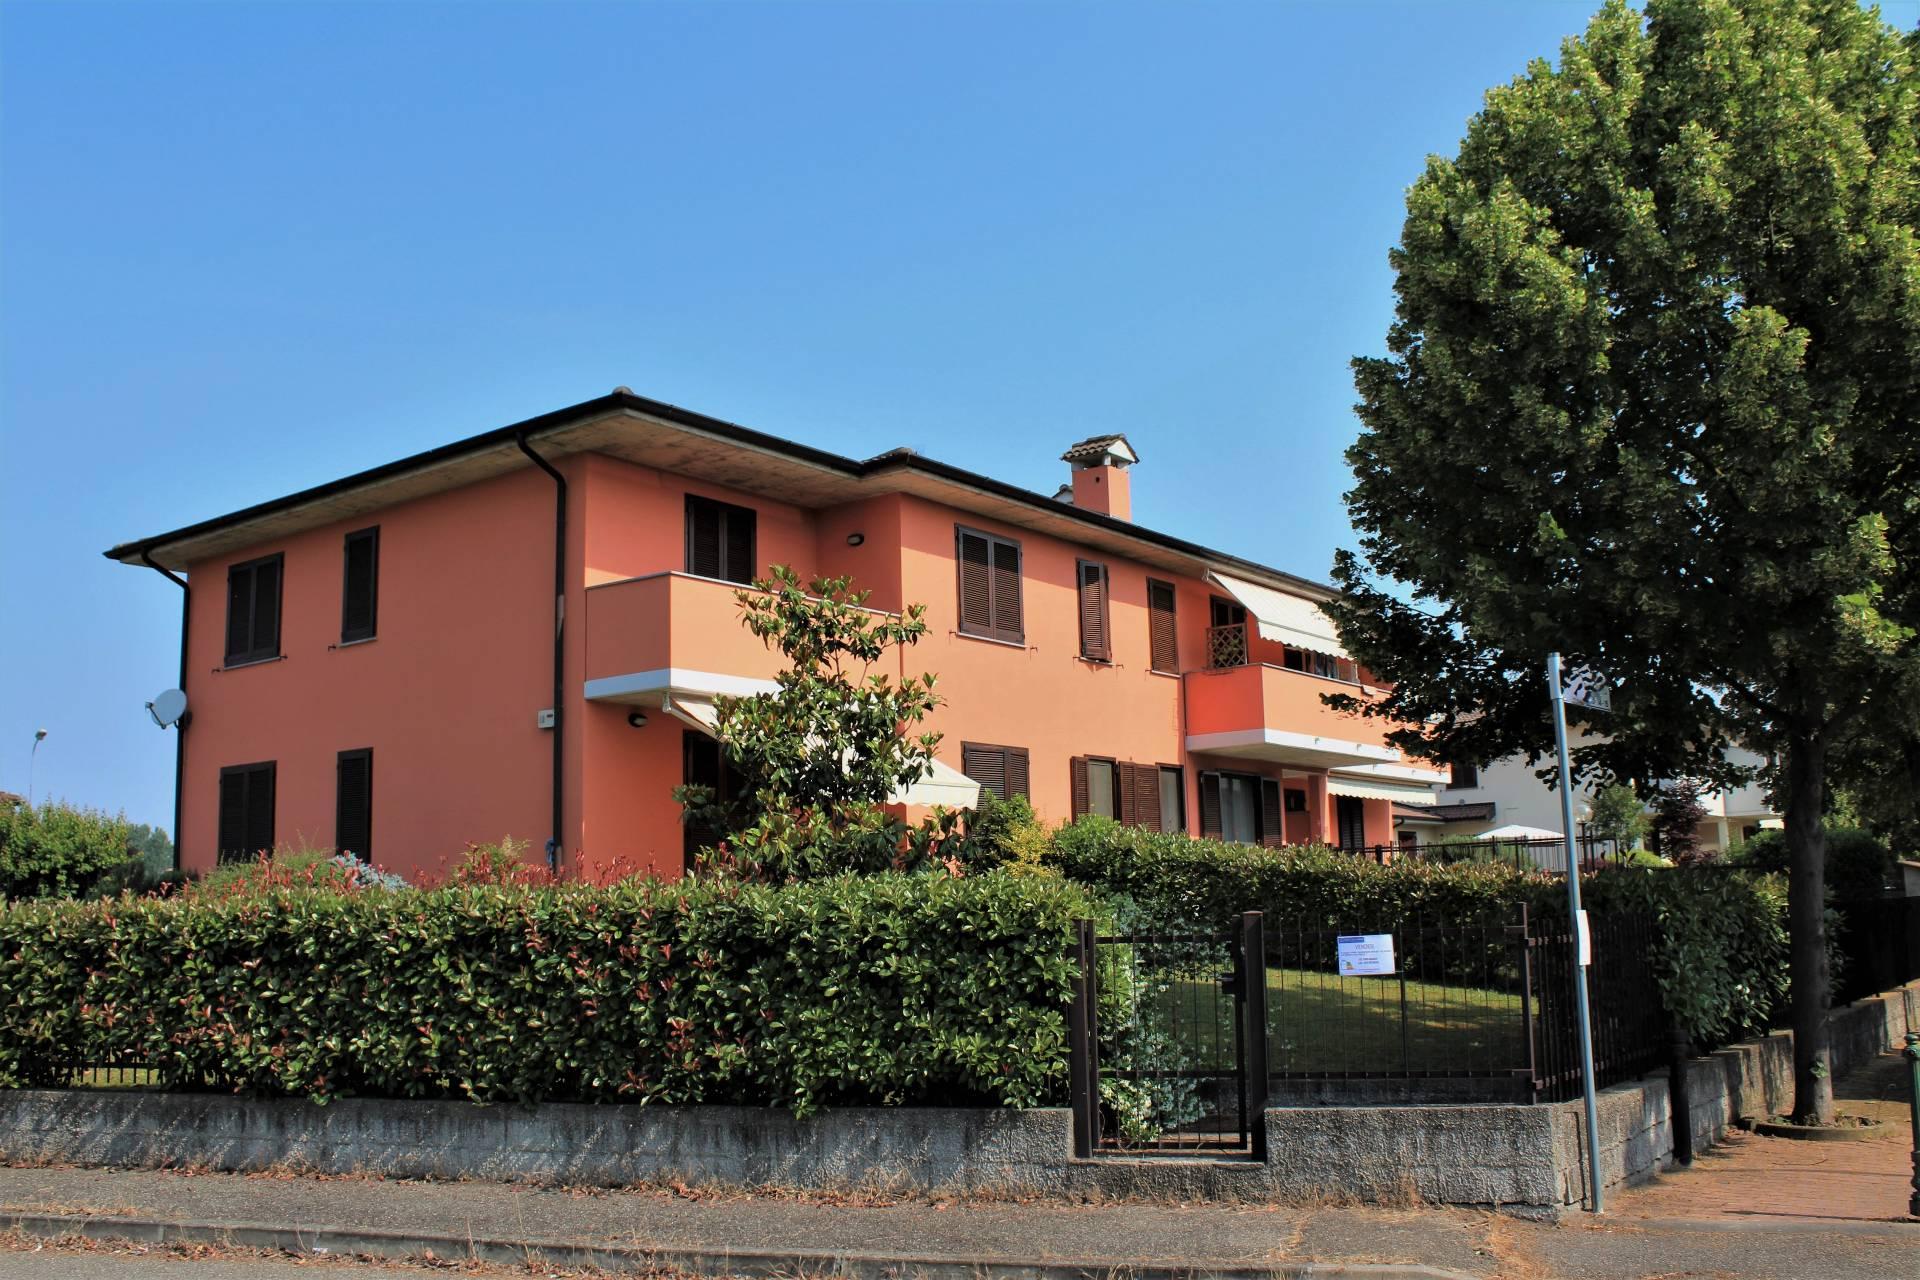 Appartamento in vendita a Bressana Bottarone, 3 locali, prezzo € 118.000 | CambioCasa.it